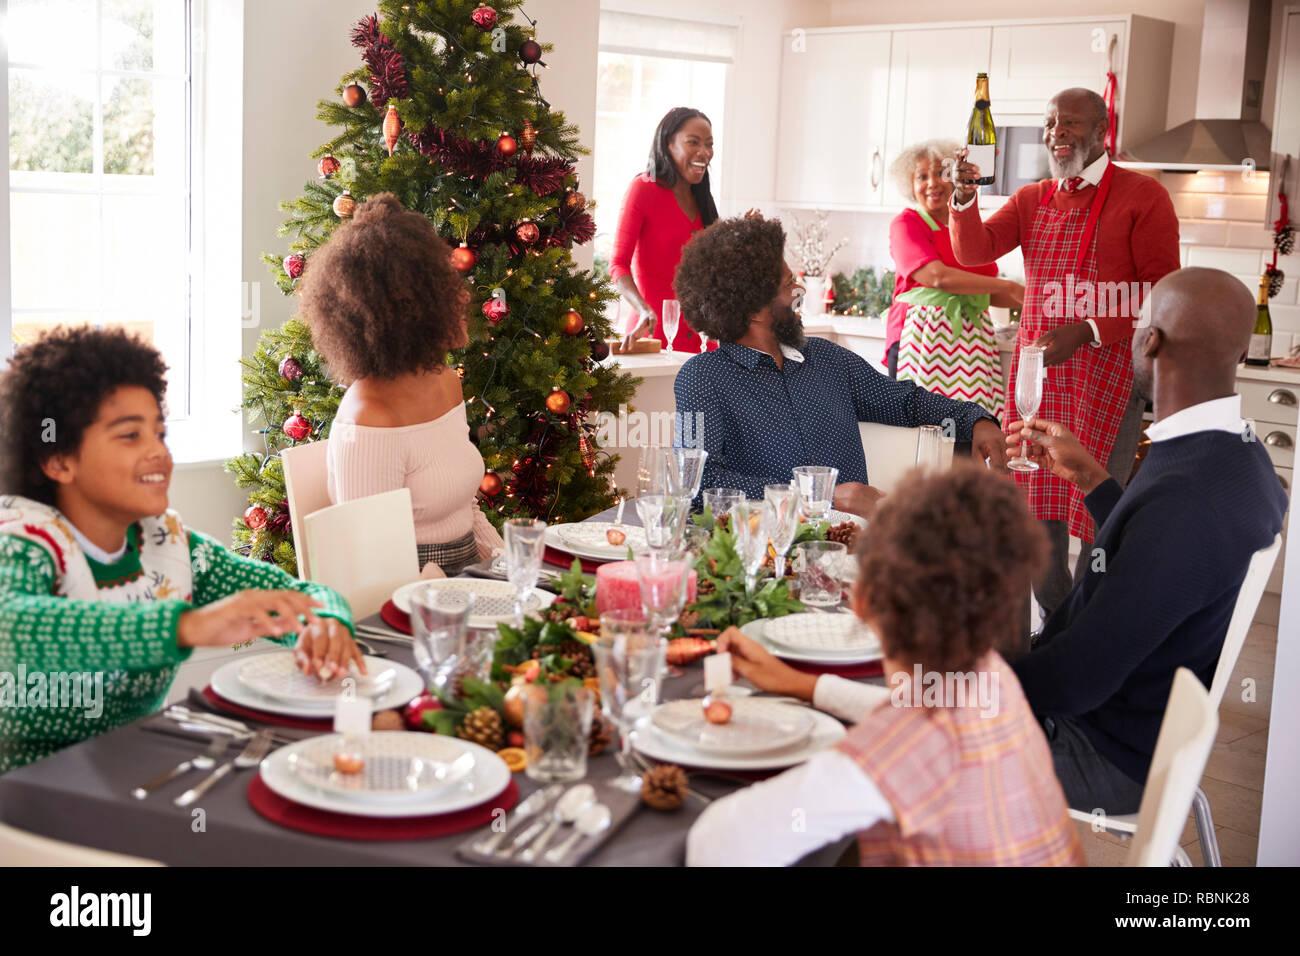 Raza mixta, multi generación reunión familiar en el comedor a sentarse para la cena de Navidad, el abuelo la celebración de botella de champán Imagen De Stock